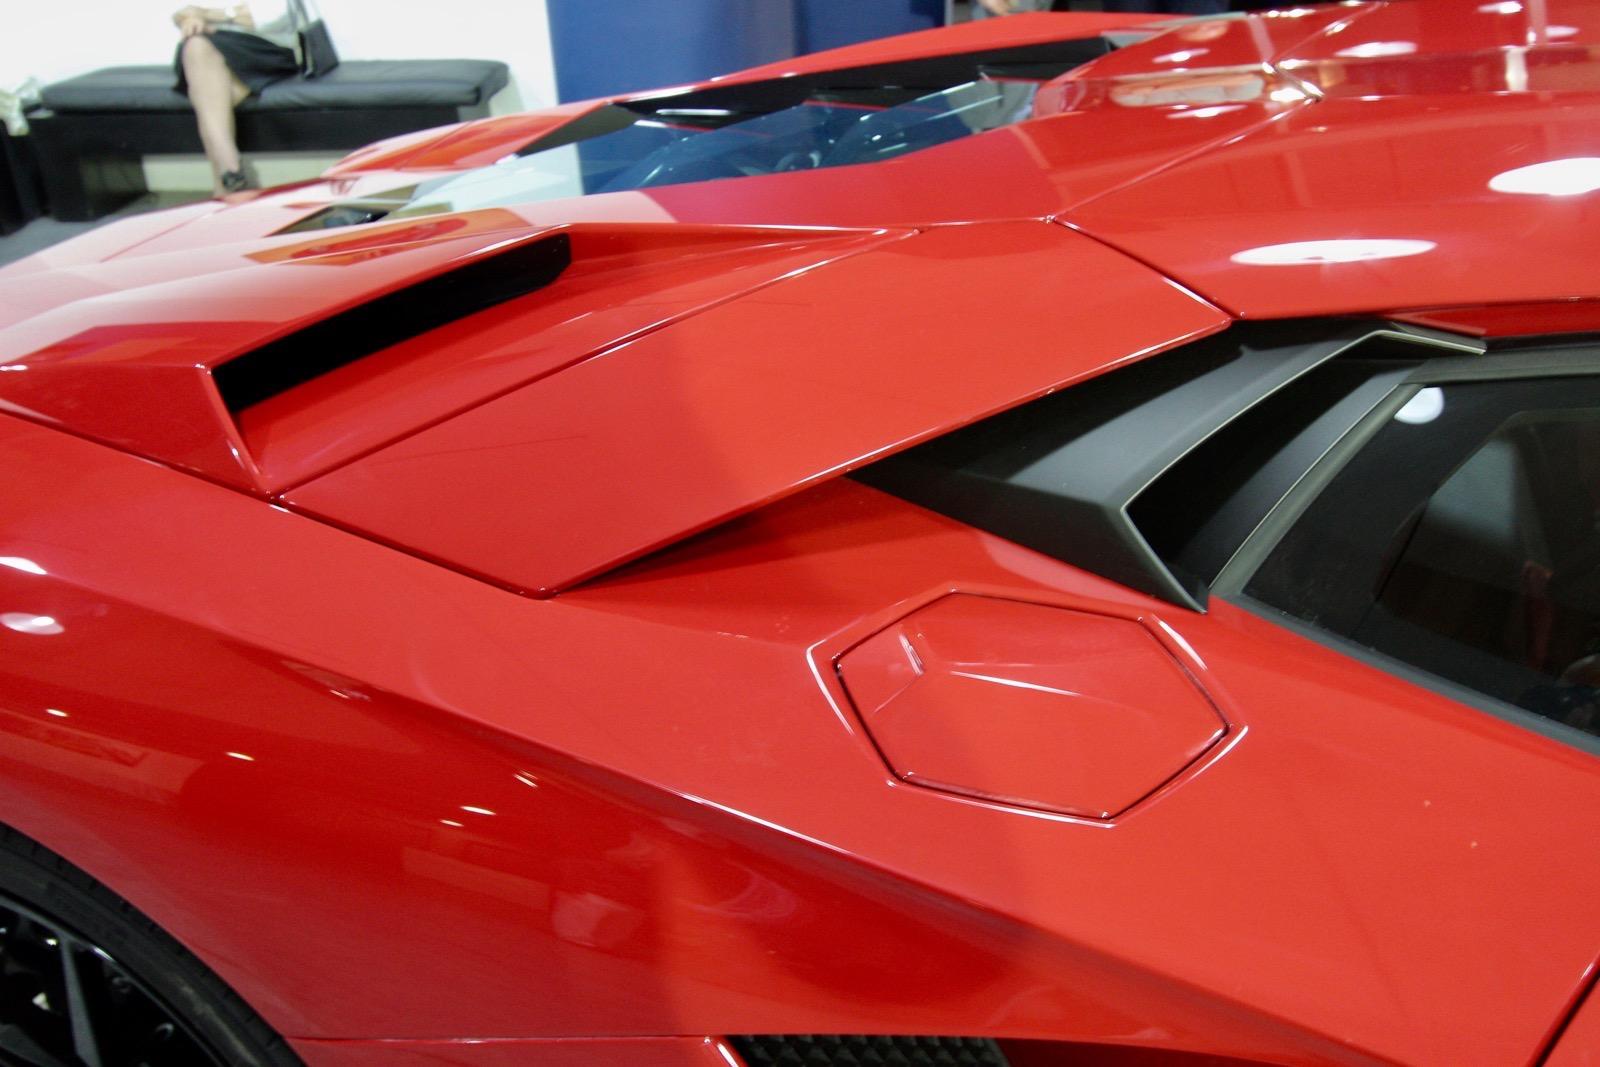 Lamborghini_Aventador_S_in_Greece_08